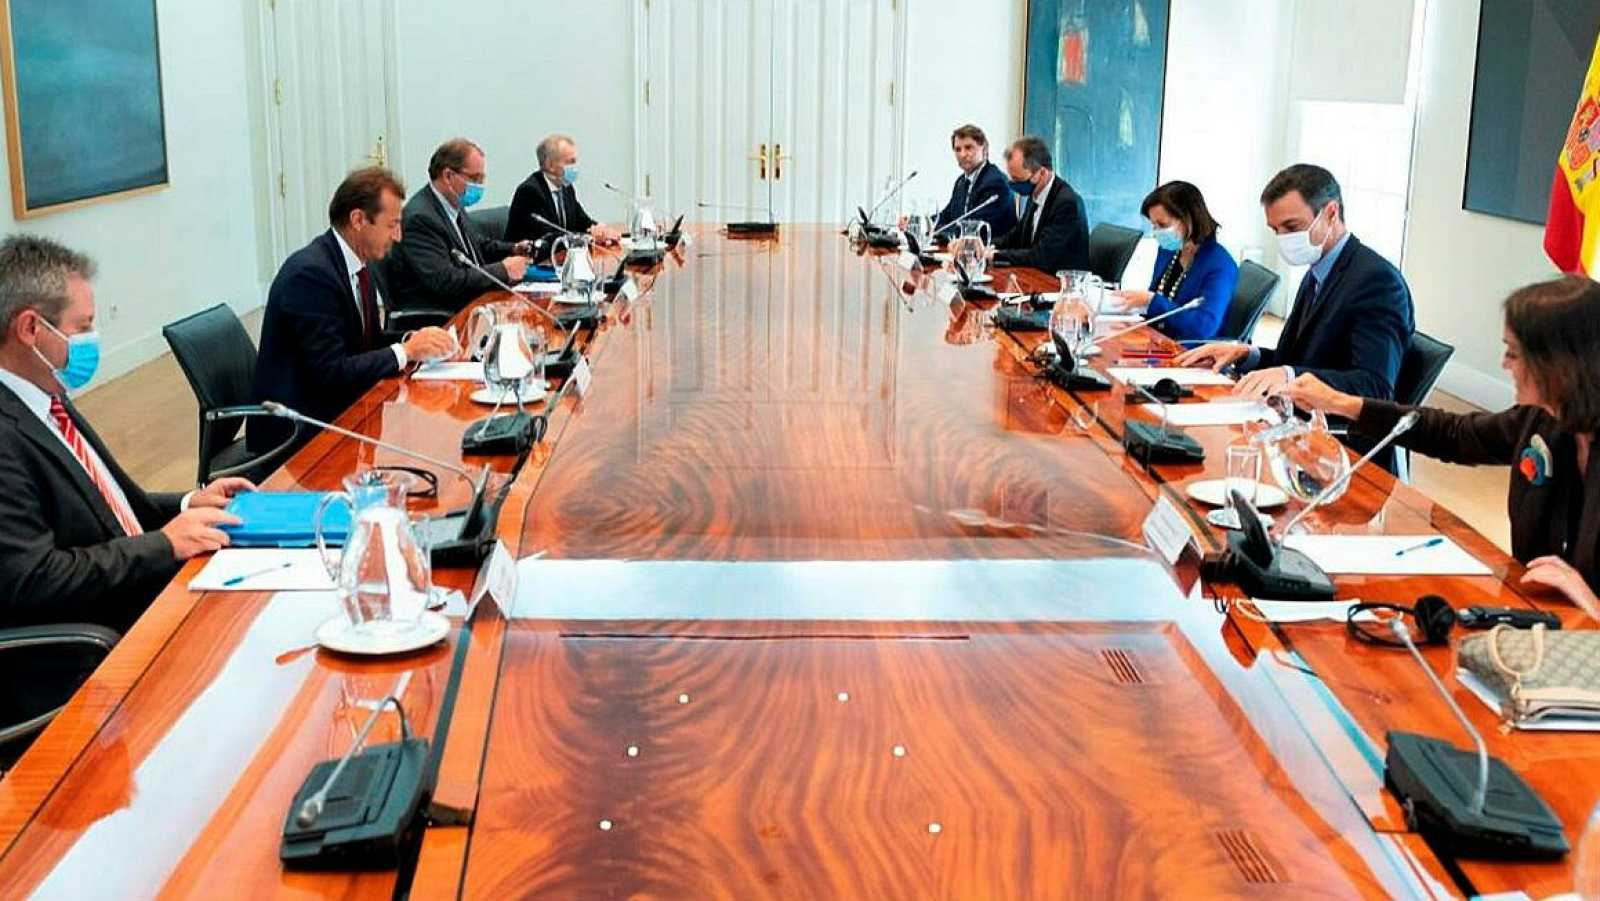 Miembros del Gobierno durante su reunión con el CEO de Airbus, Guillaume Faury, en la que han analizado el impacto de la pandemia en la industria aeroespacial.